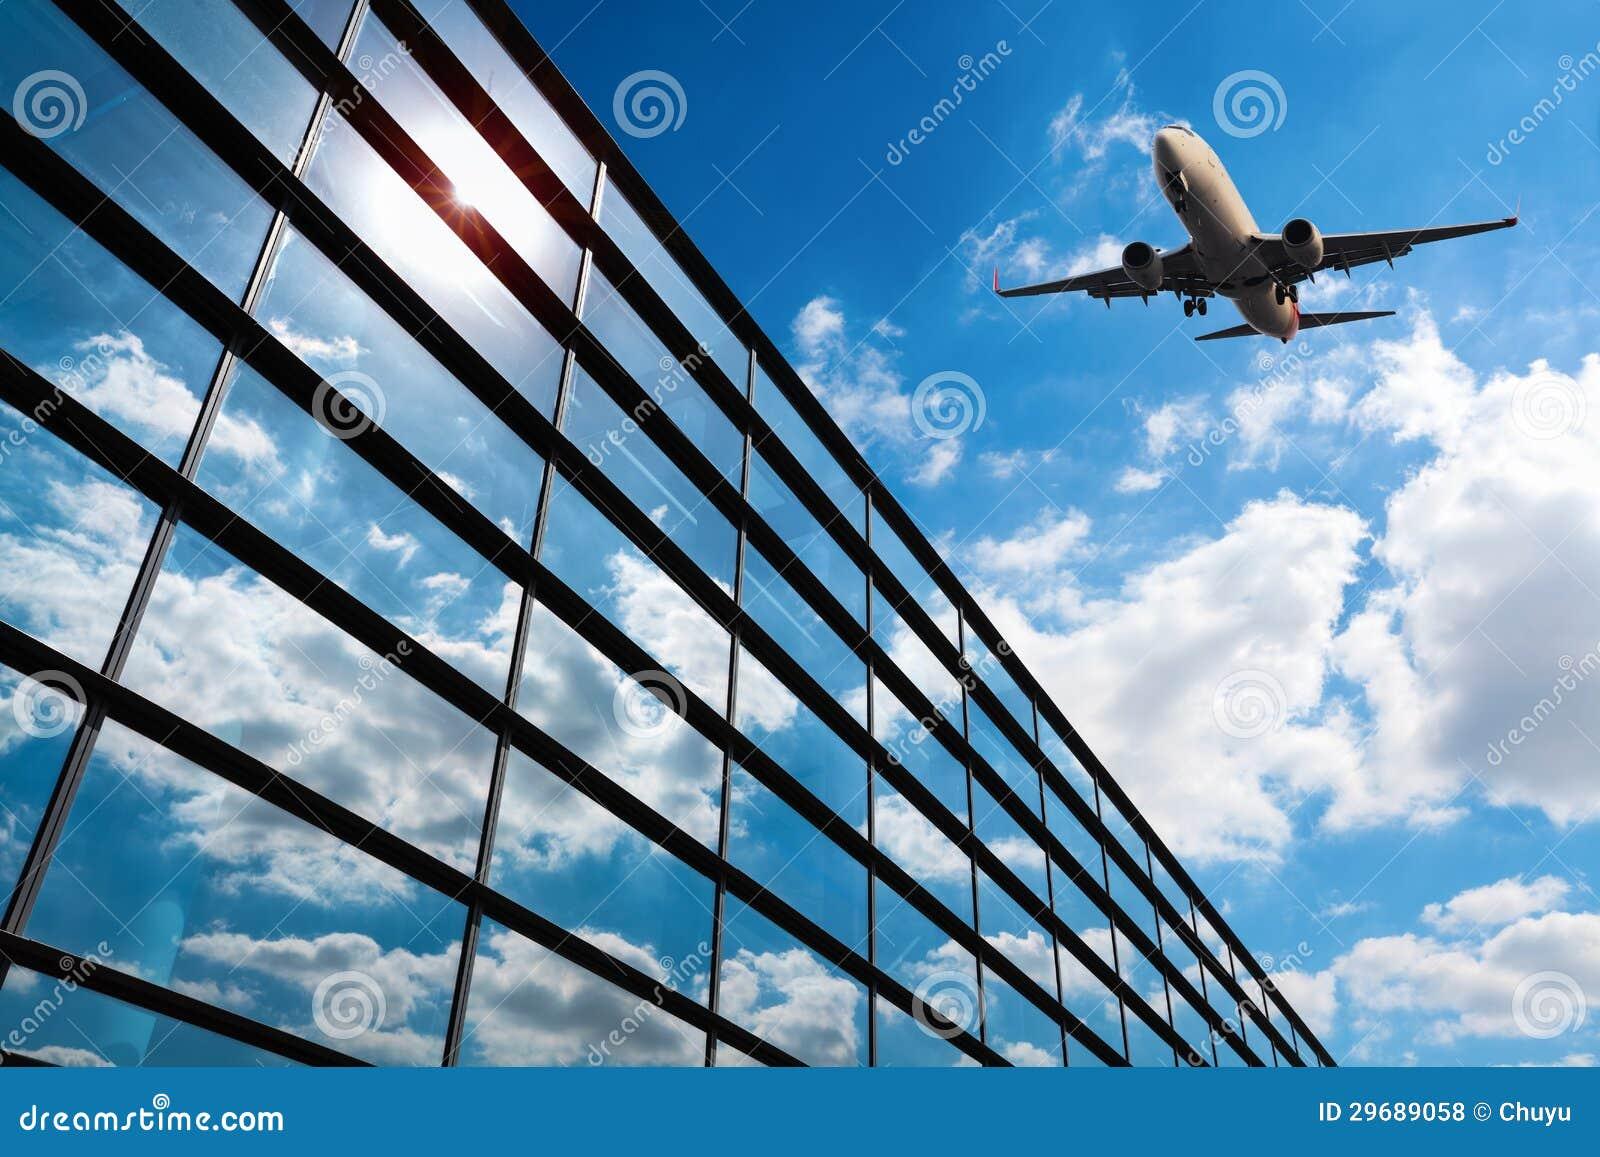 Glass gardinvägg och flygplan